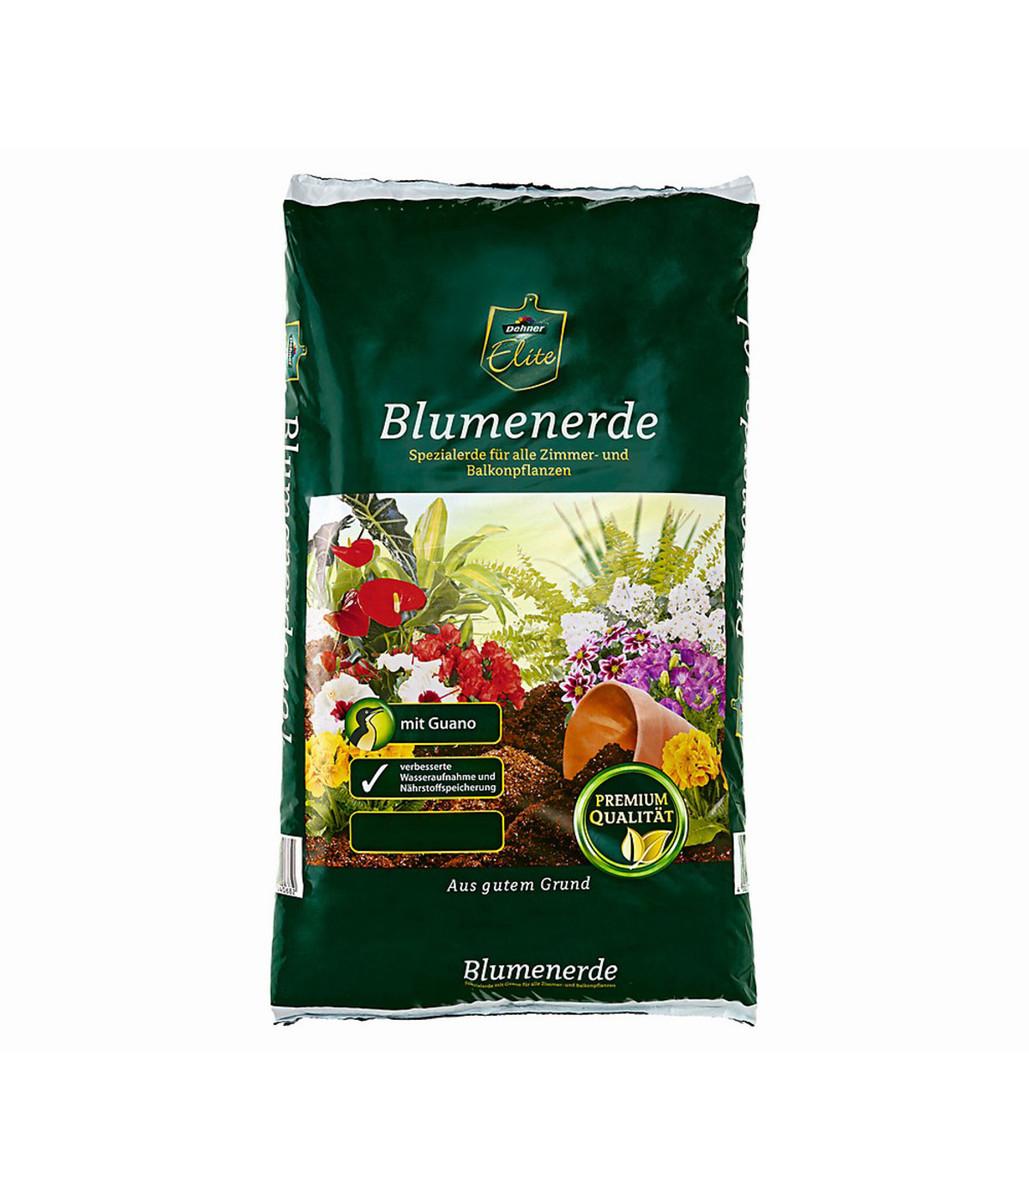 Bild 2 von Dehner Premium Blumenerde, 120 x 20 Liter